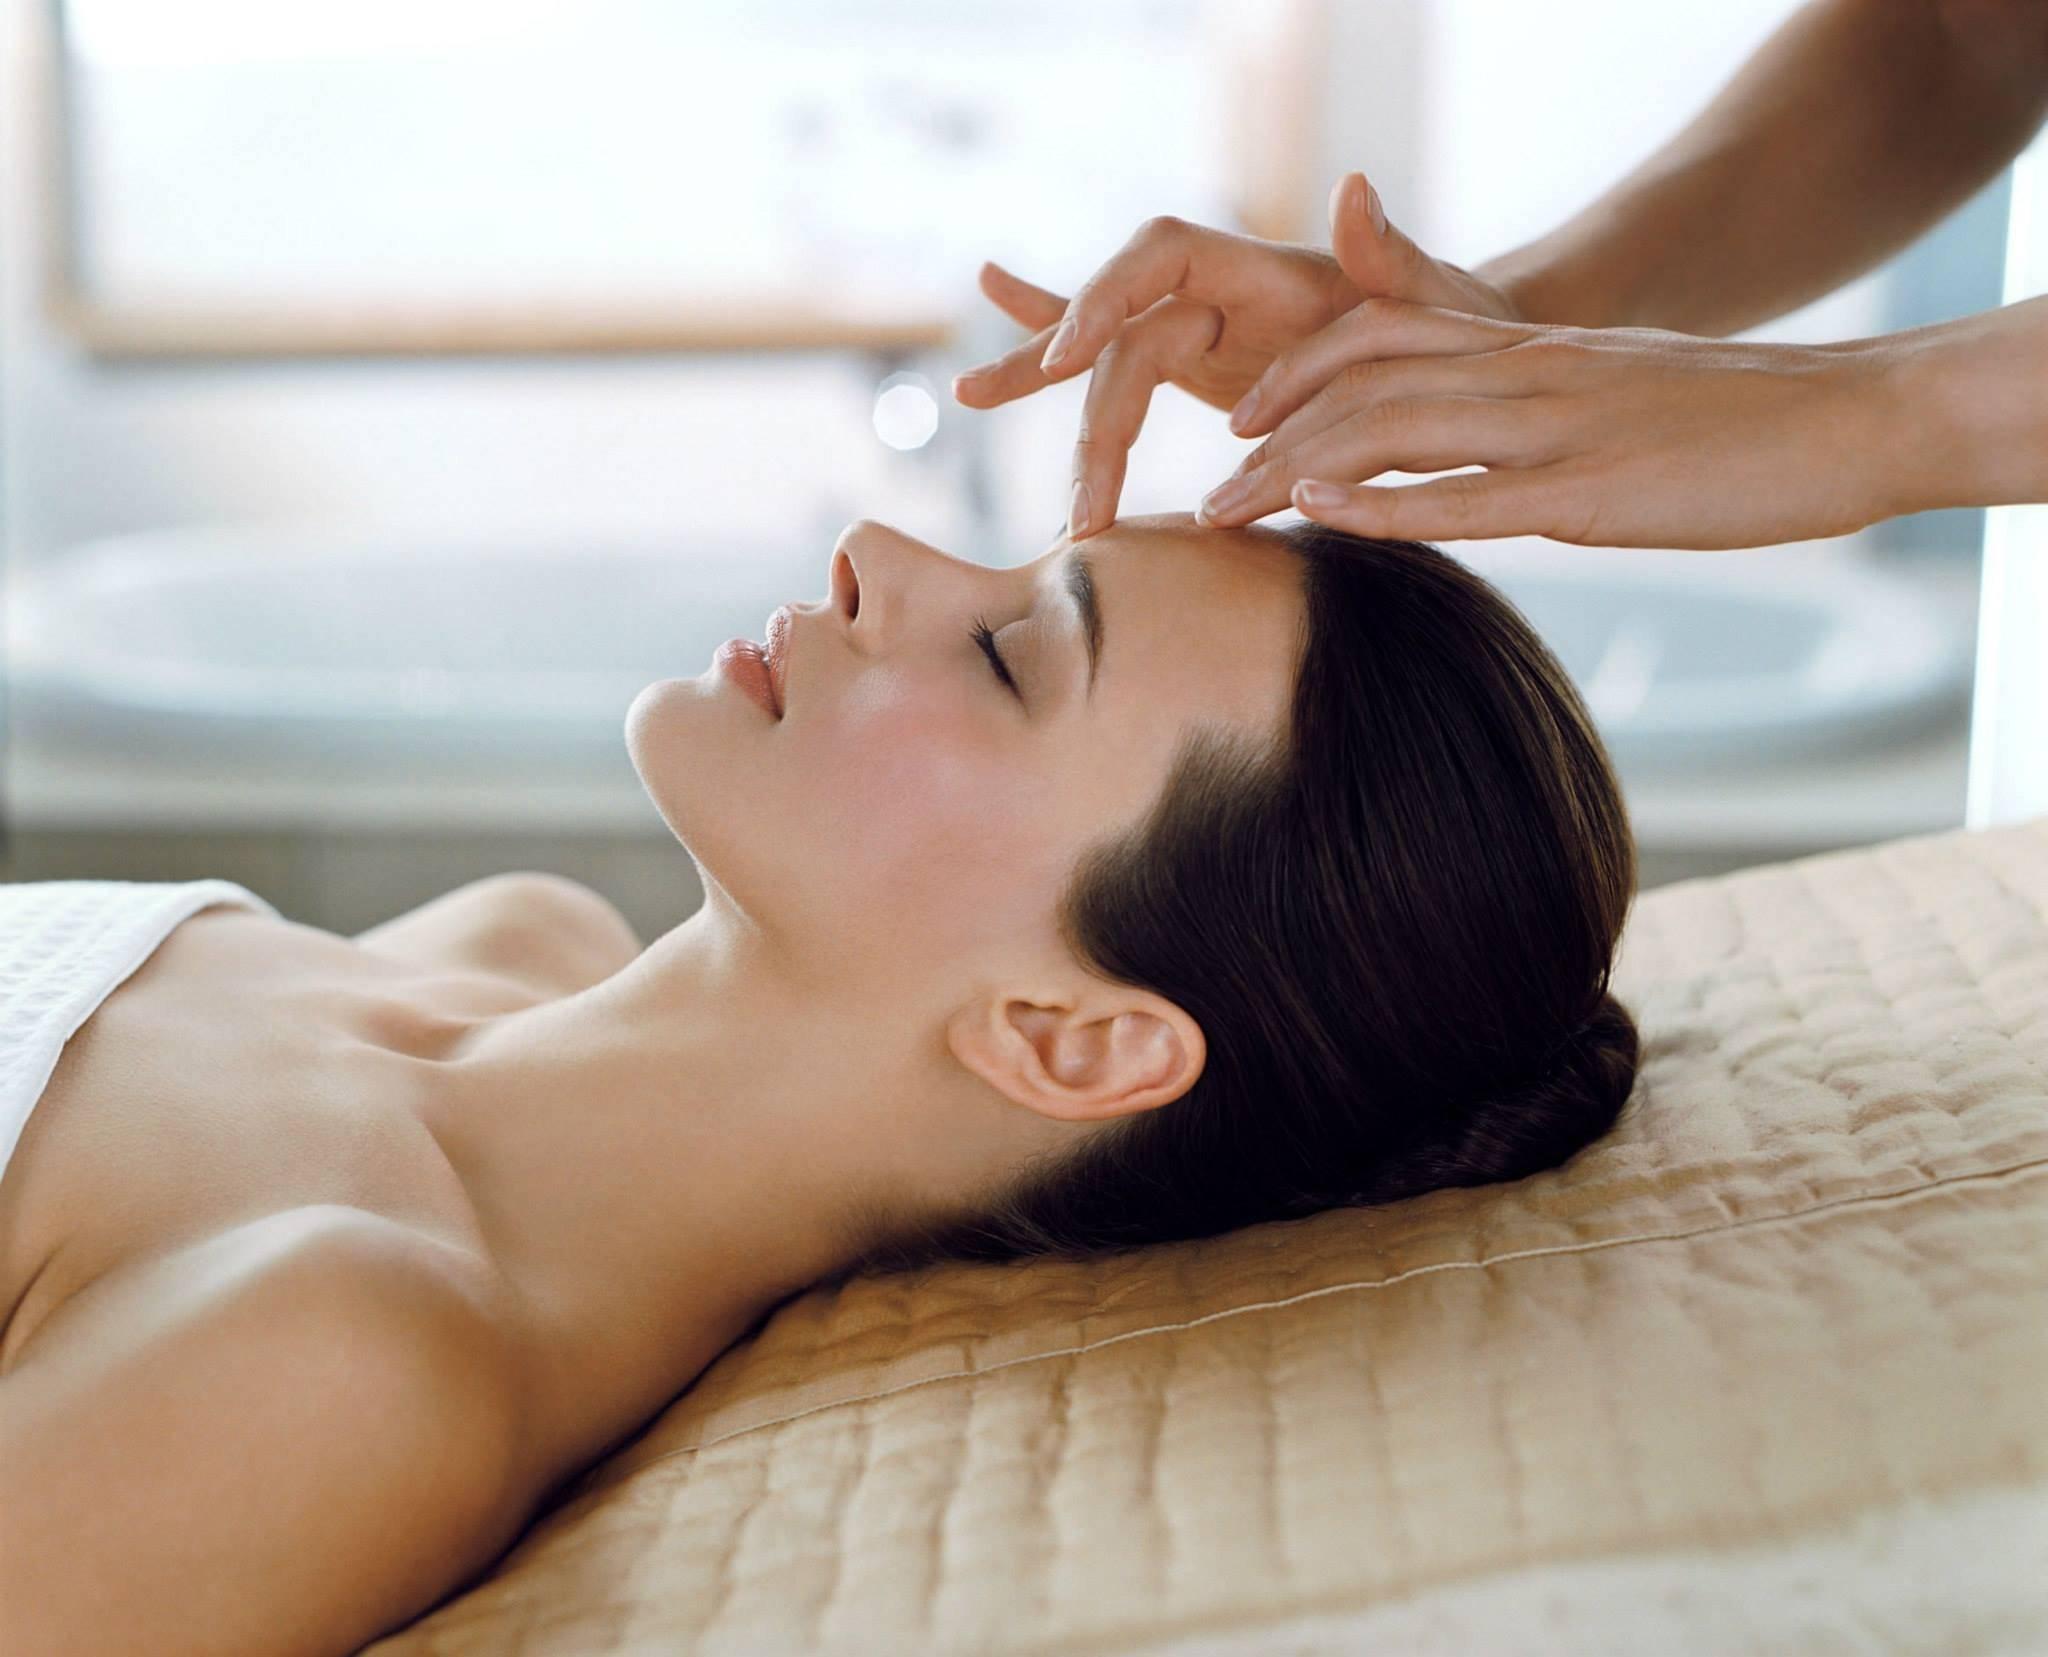 Даосский массаж - описание и правила применения